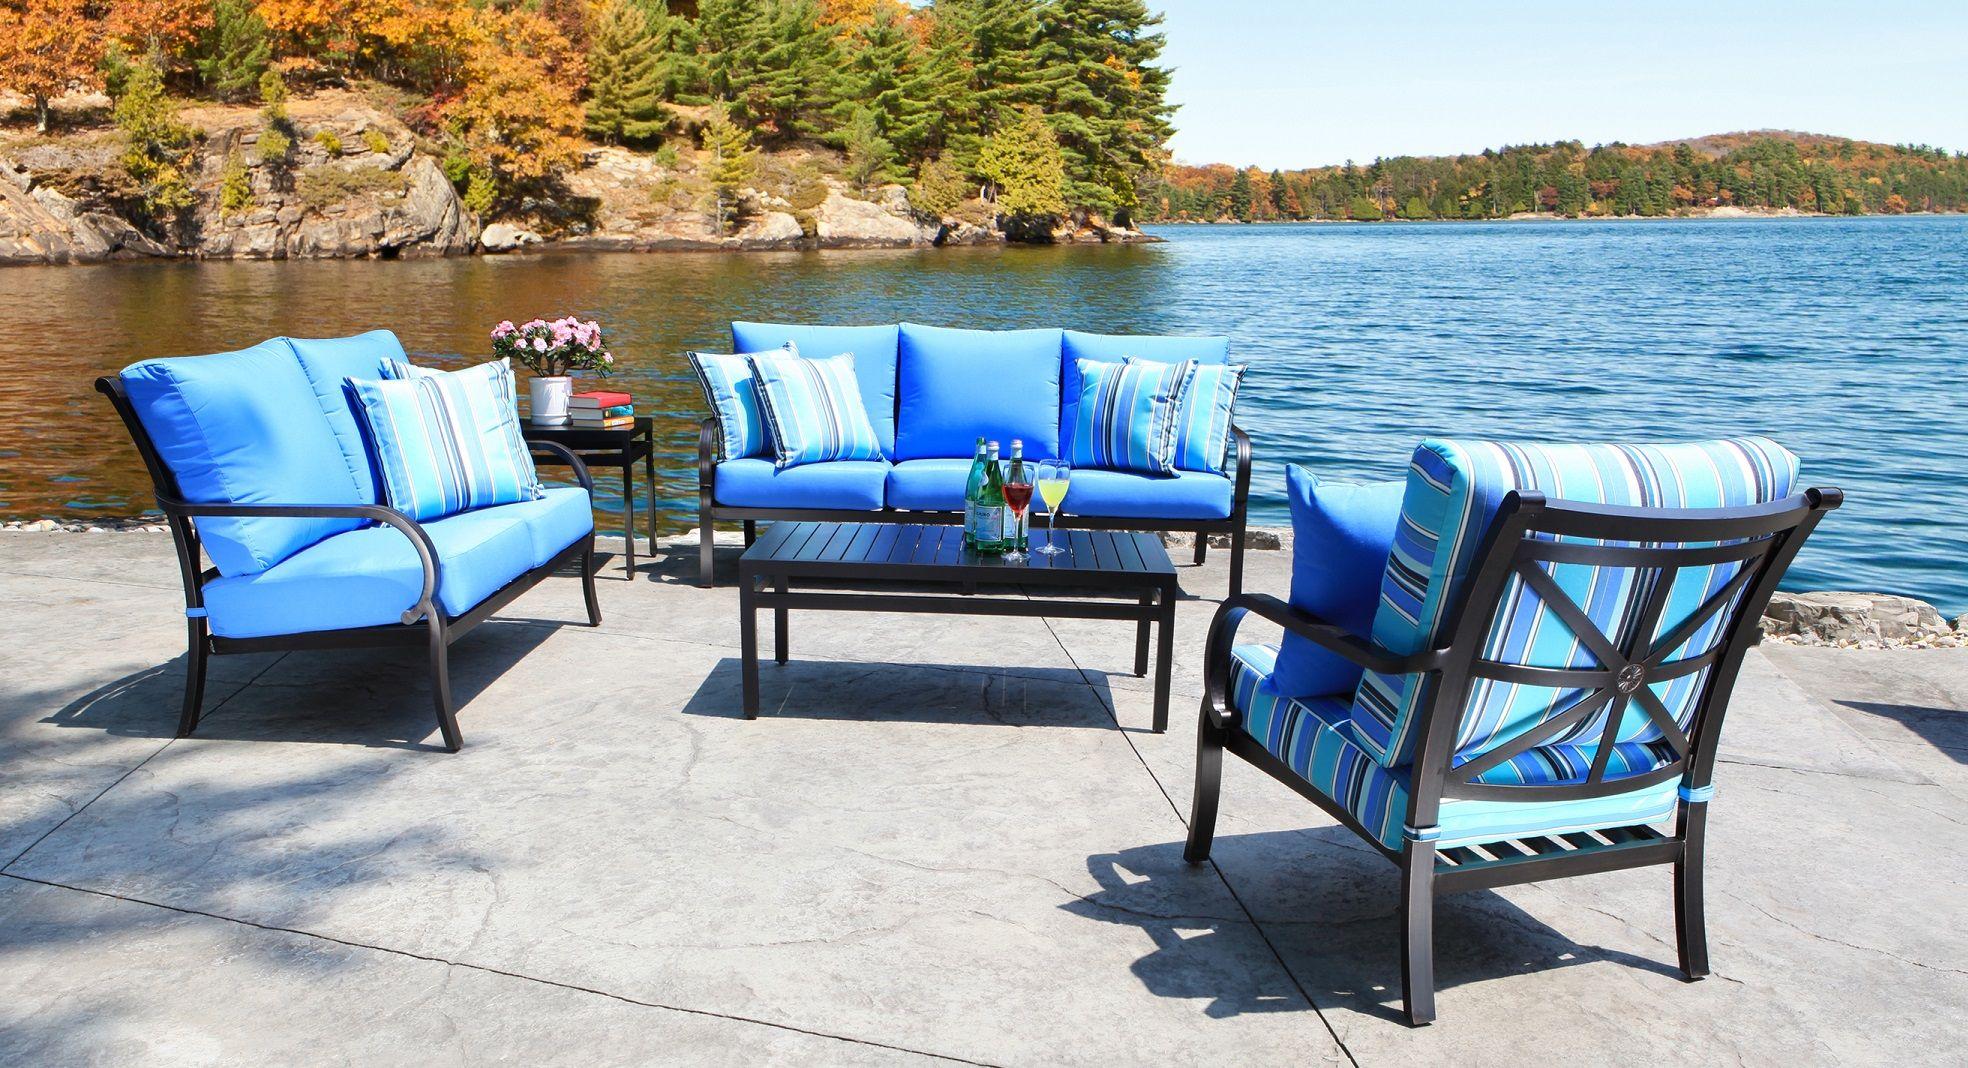 Outdoor Furniture Essentials From Cabana Coast, Mississauga, Ontario